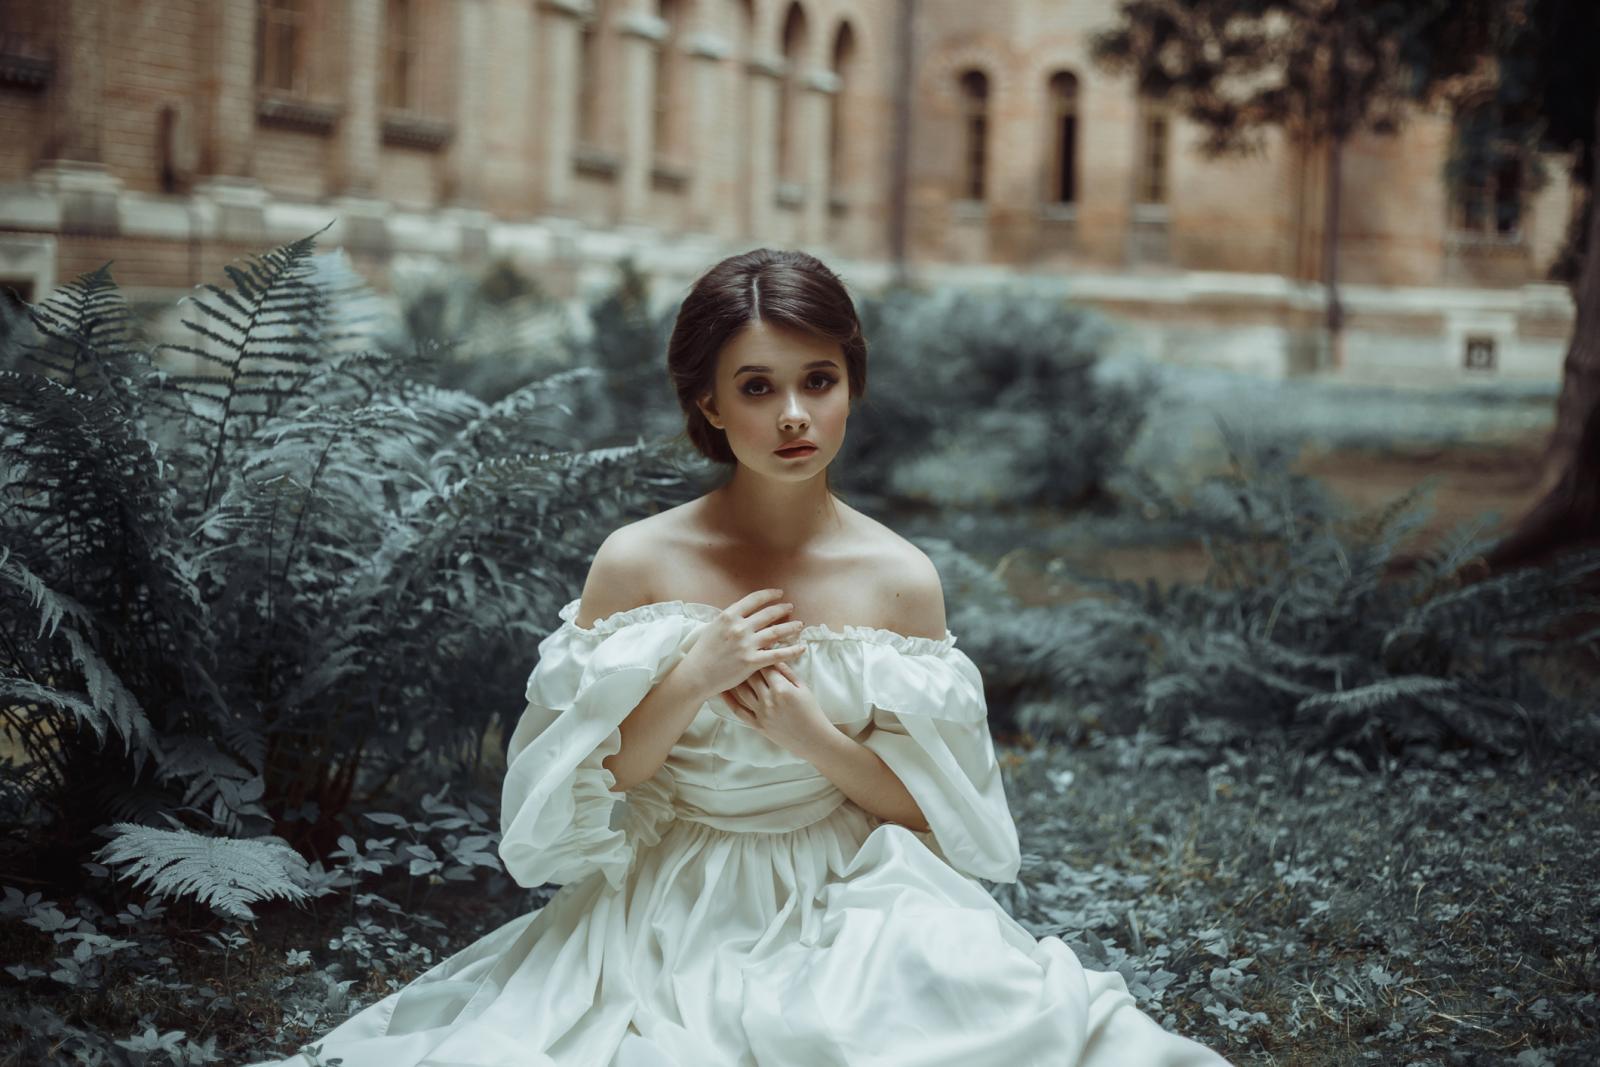 Ponekad se pitam da li zaista igdje na svijetu postoji žena koja živi kao princeza?